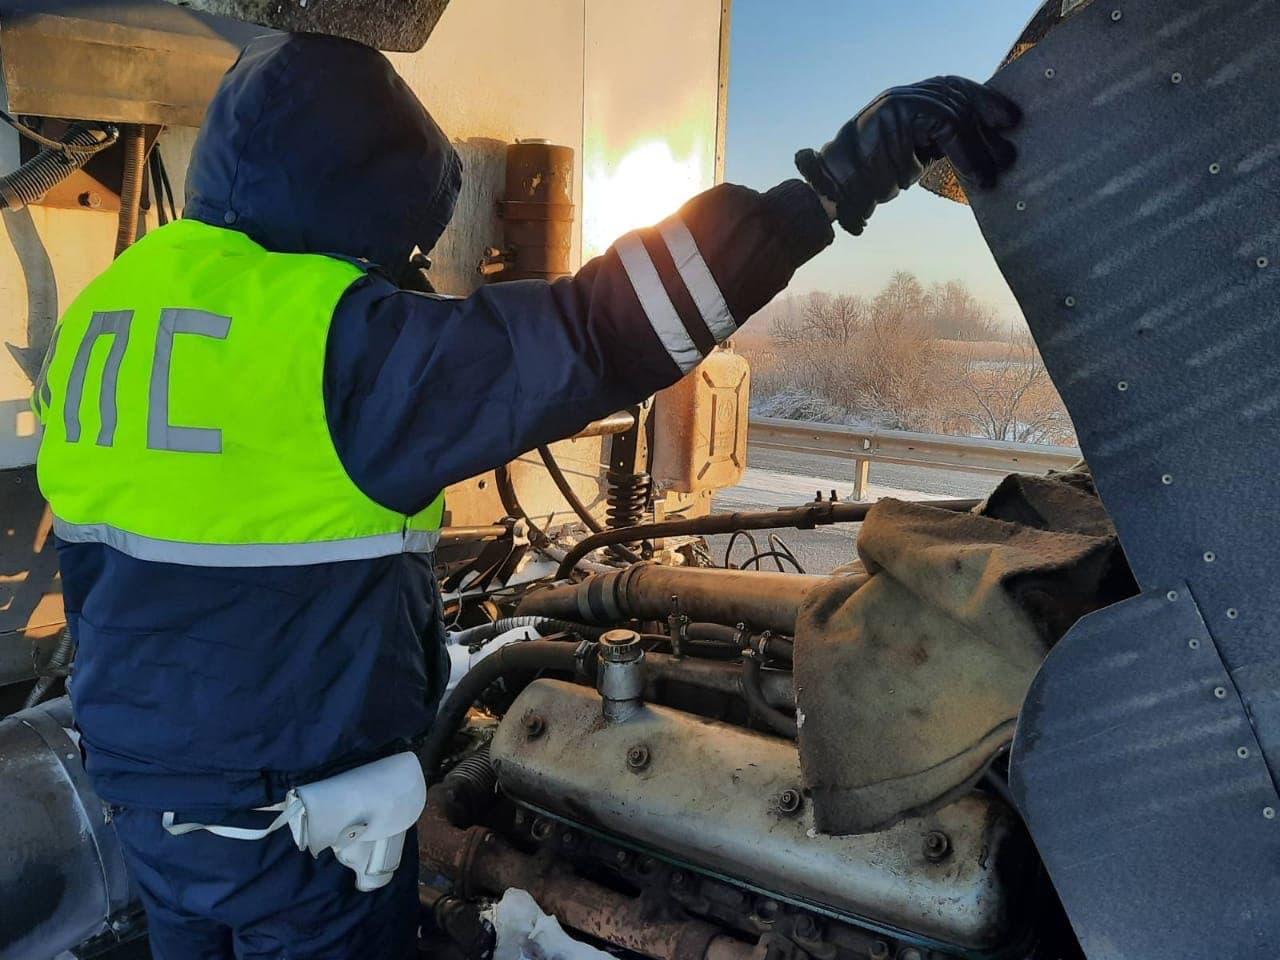 Инспекторы помогли водителю большегруза, застрявшему на трассе